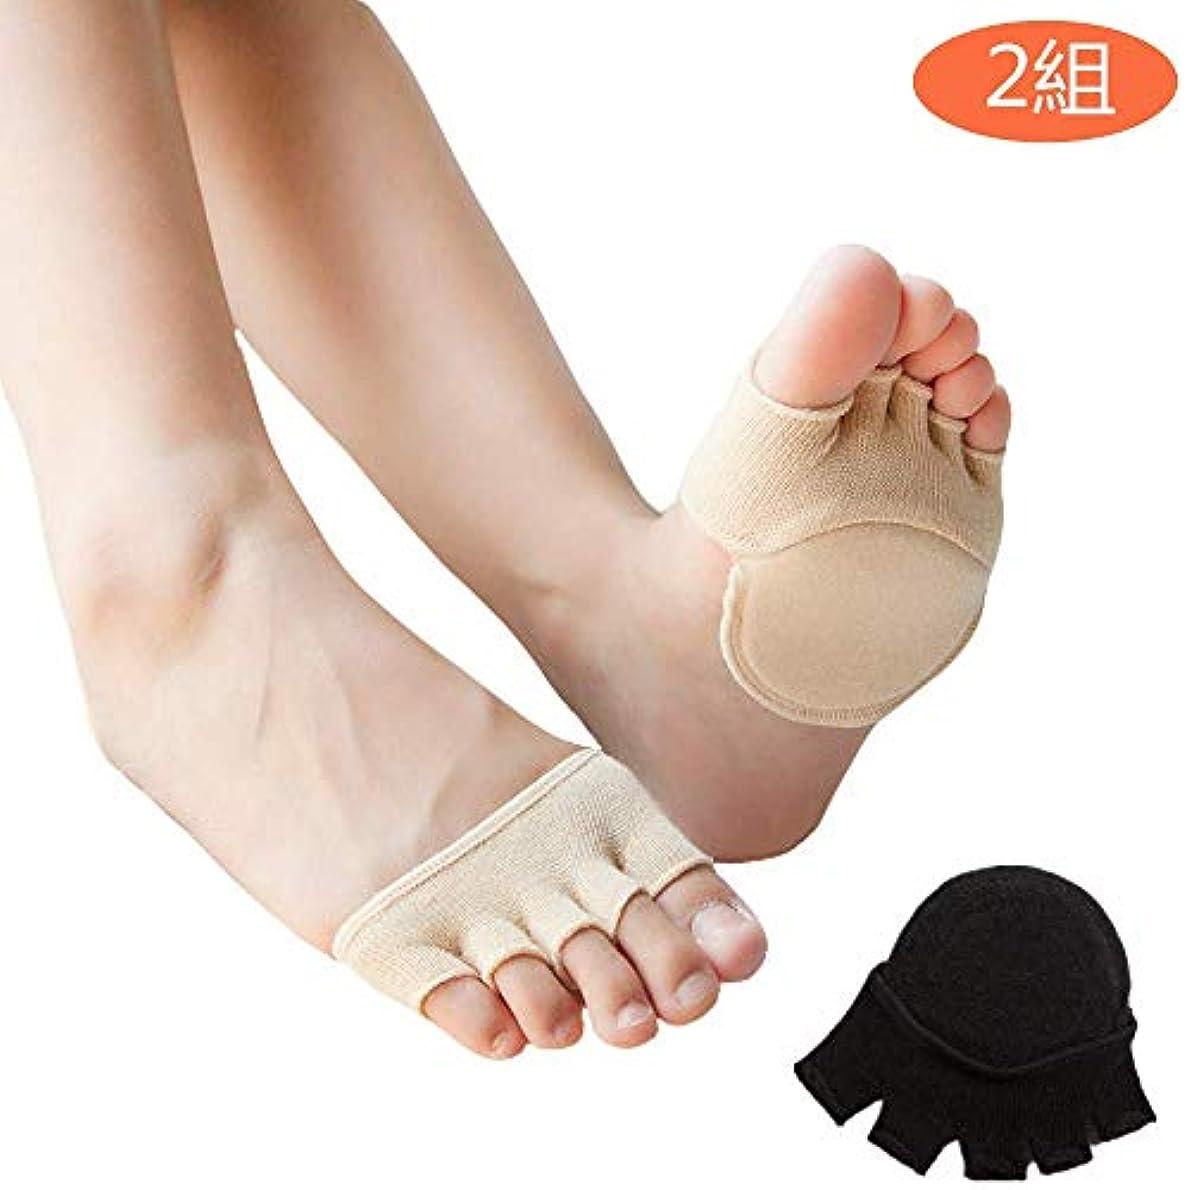 蛇行ファセット詳細なつま先 5本指 足底クッション付き 前足サポーター 足の臭い対策 フットカバー ヨガ用靴下 浅い靴下半分つま先 夏 超薄型 (2組)